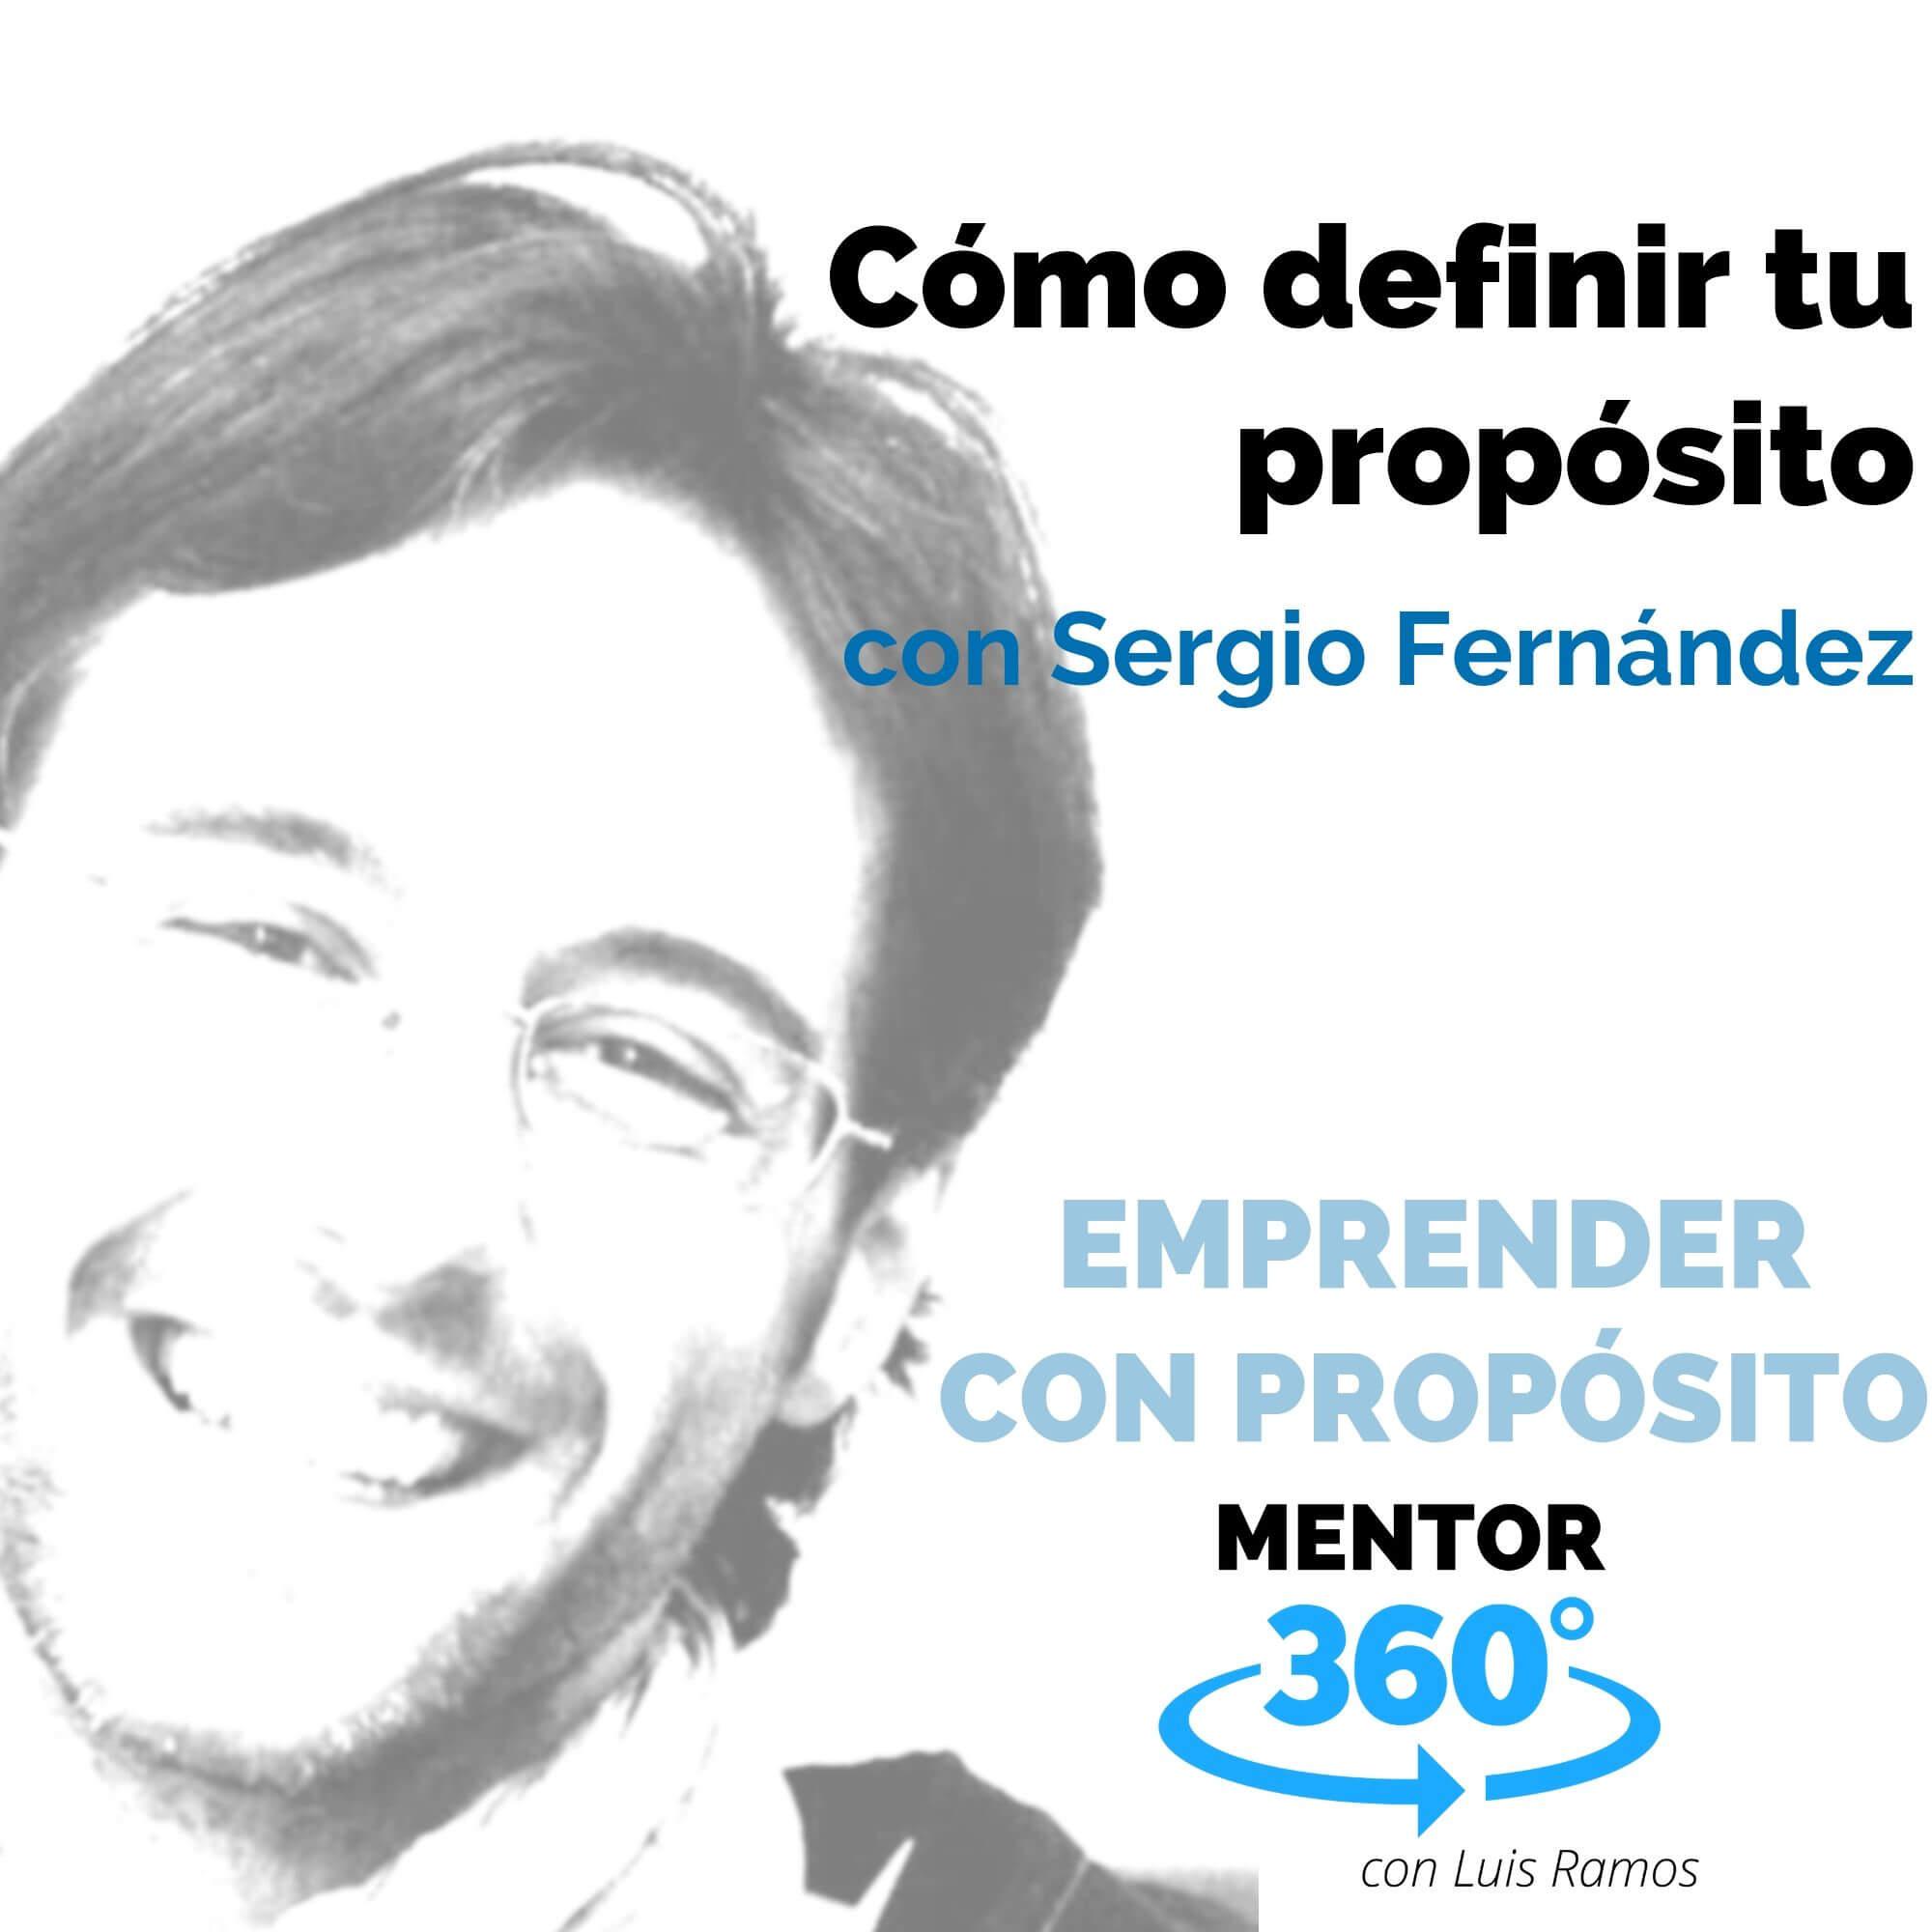 Cómo definir tu propósito, con Sergio Fernández - EMPRENDER CON PROPÓSITO